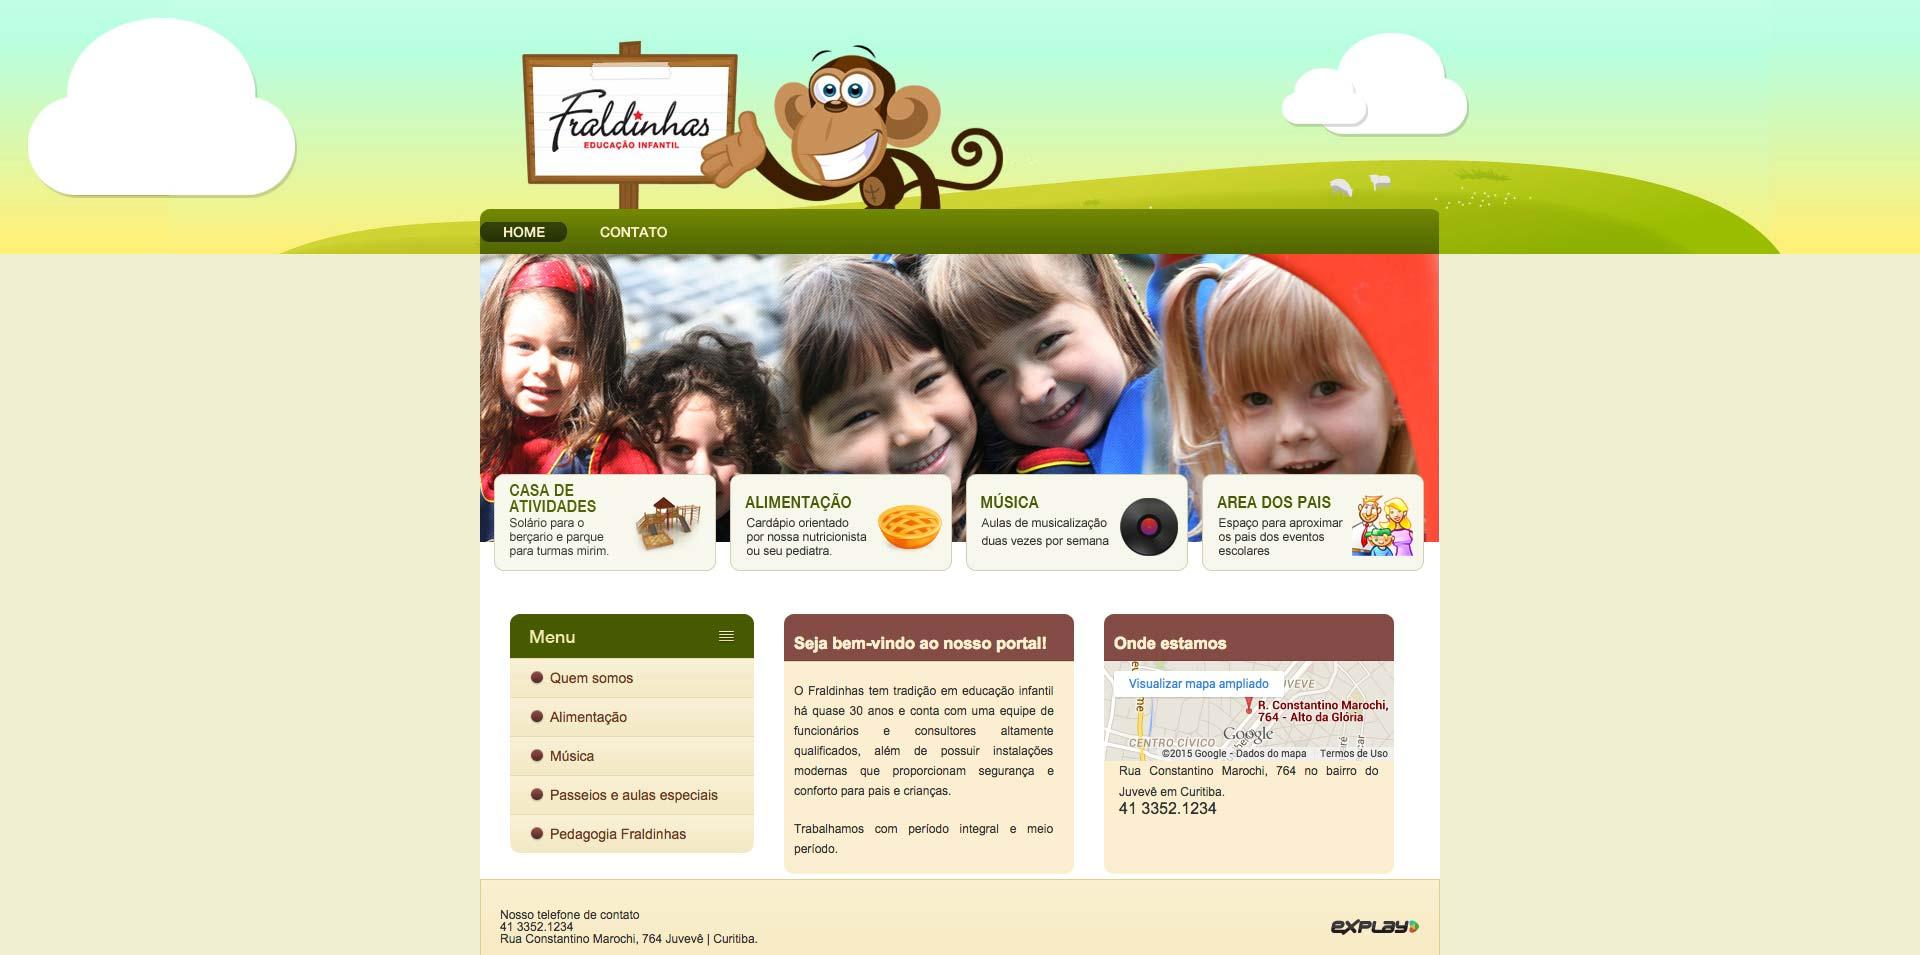 Fraldinhas - Site desenvolvido por Explay